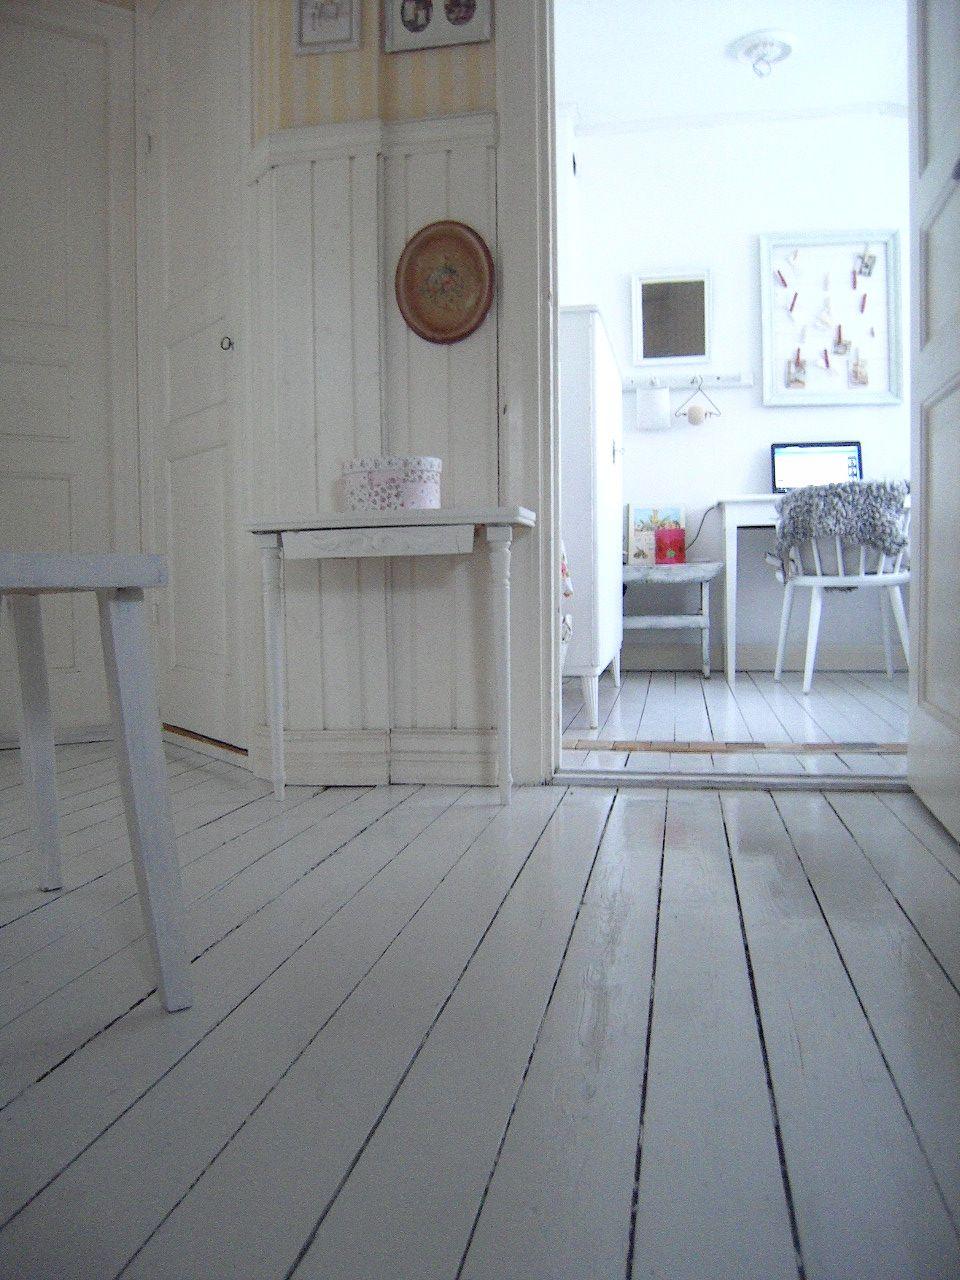 bildresultat f r m la golv gr k k pinterest gr och k k. Black Bedroom Furniture Sets. Home Design Ideas